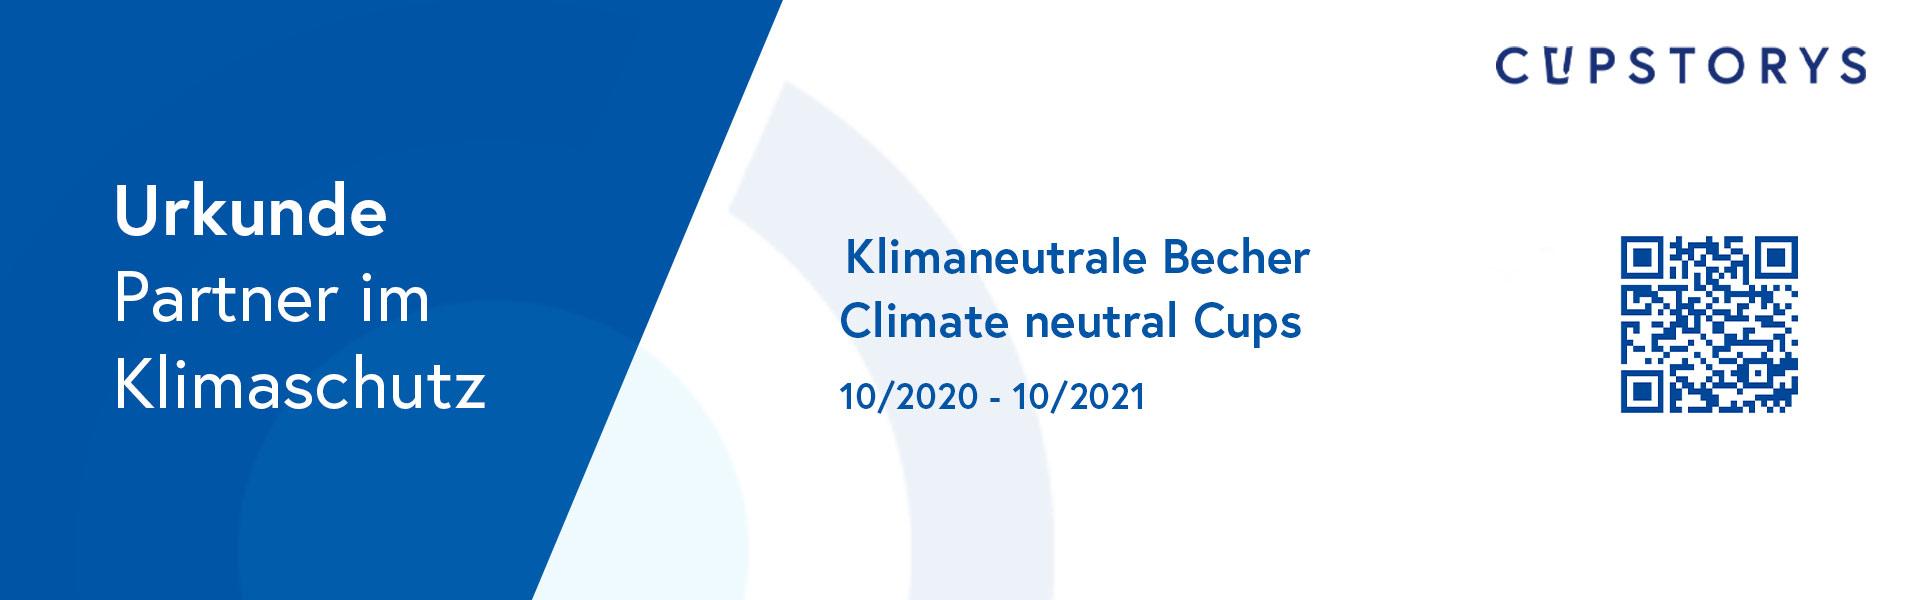 Klimaneutrale Becher bei cupstorys.com